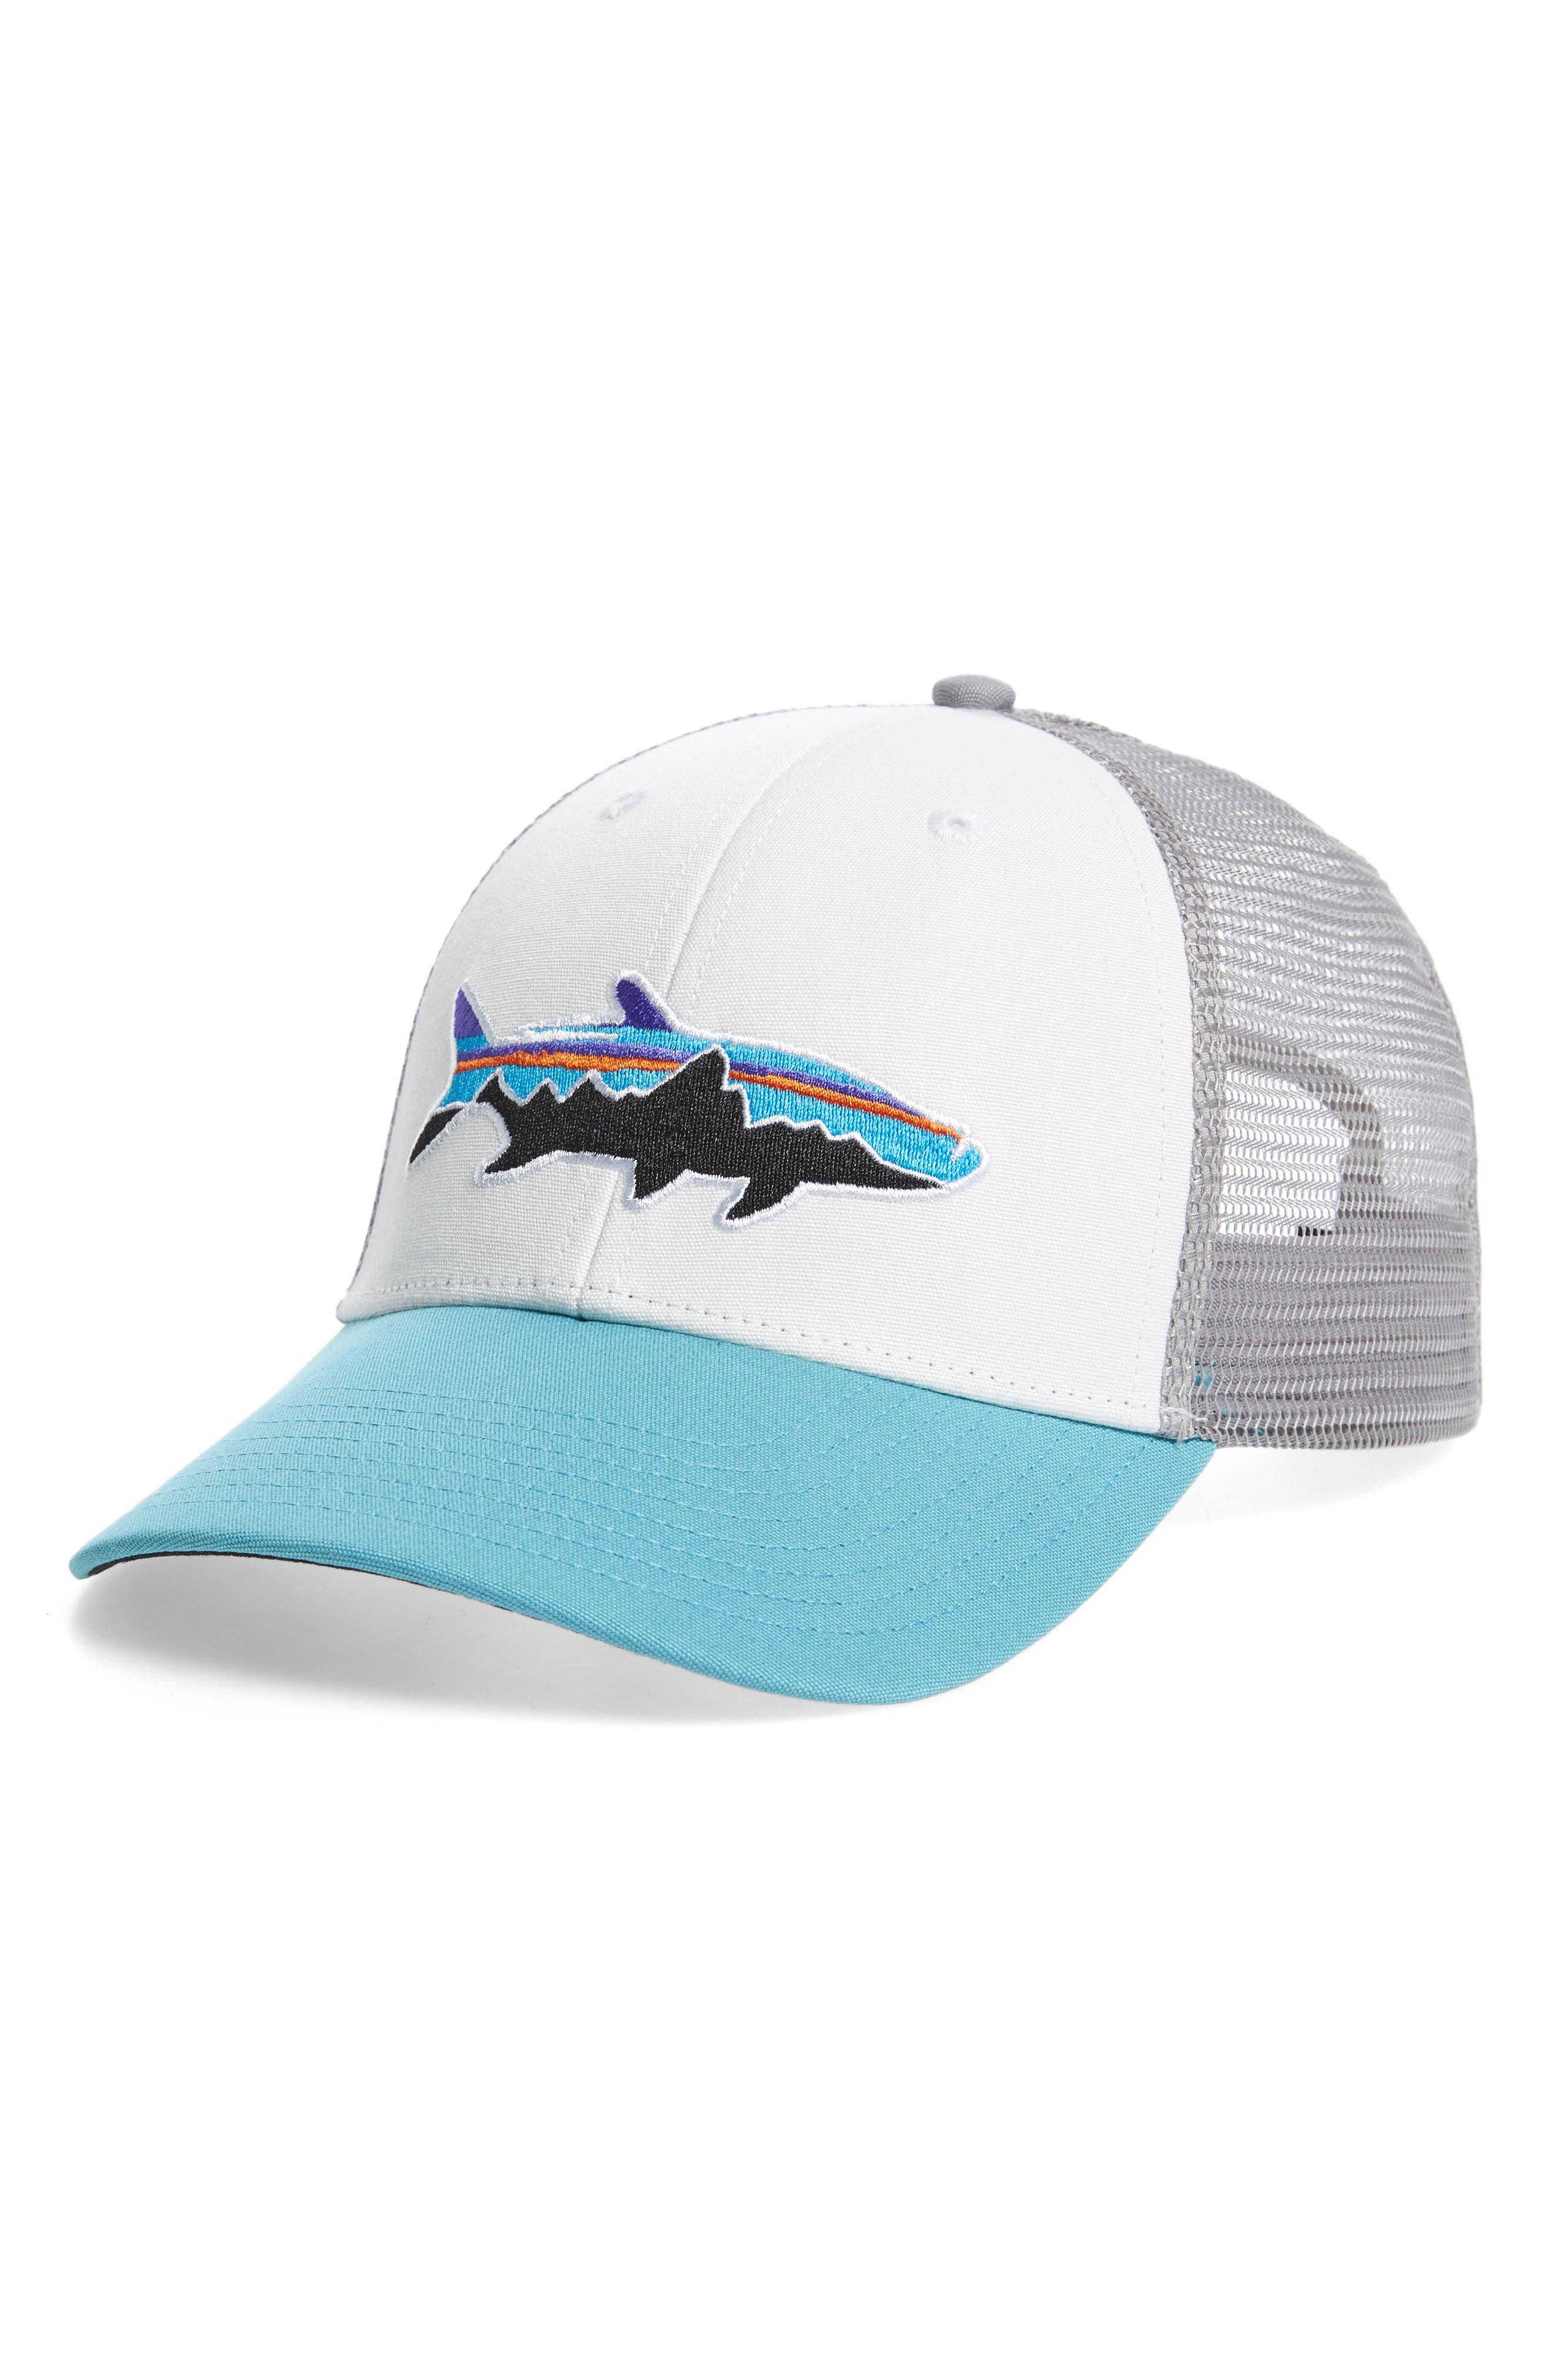 Patagonia Fitz Roy Tarpon Trucker Hat